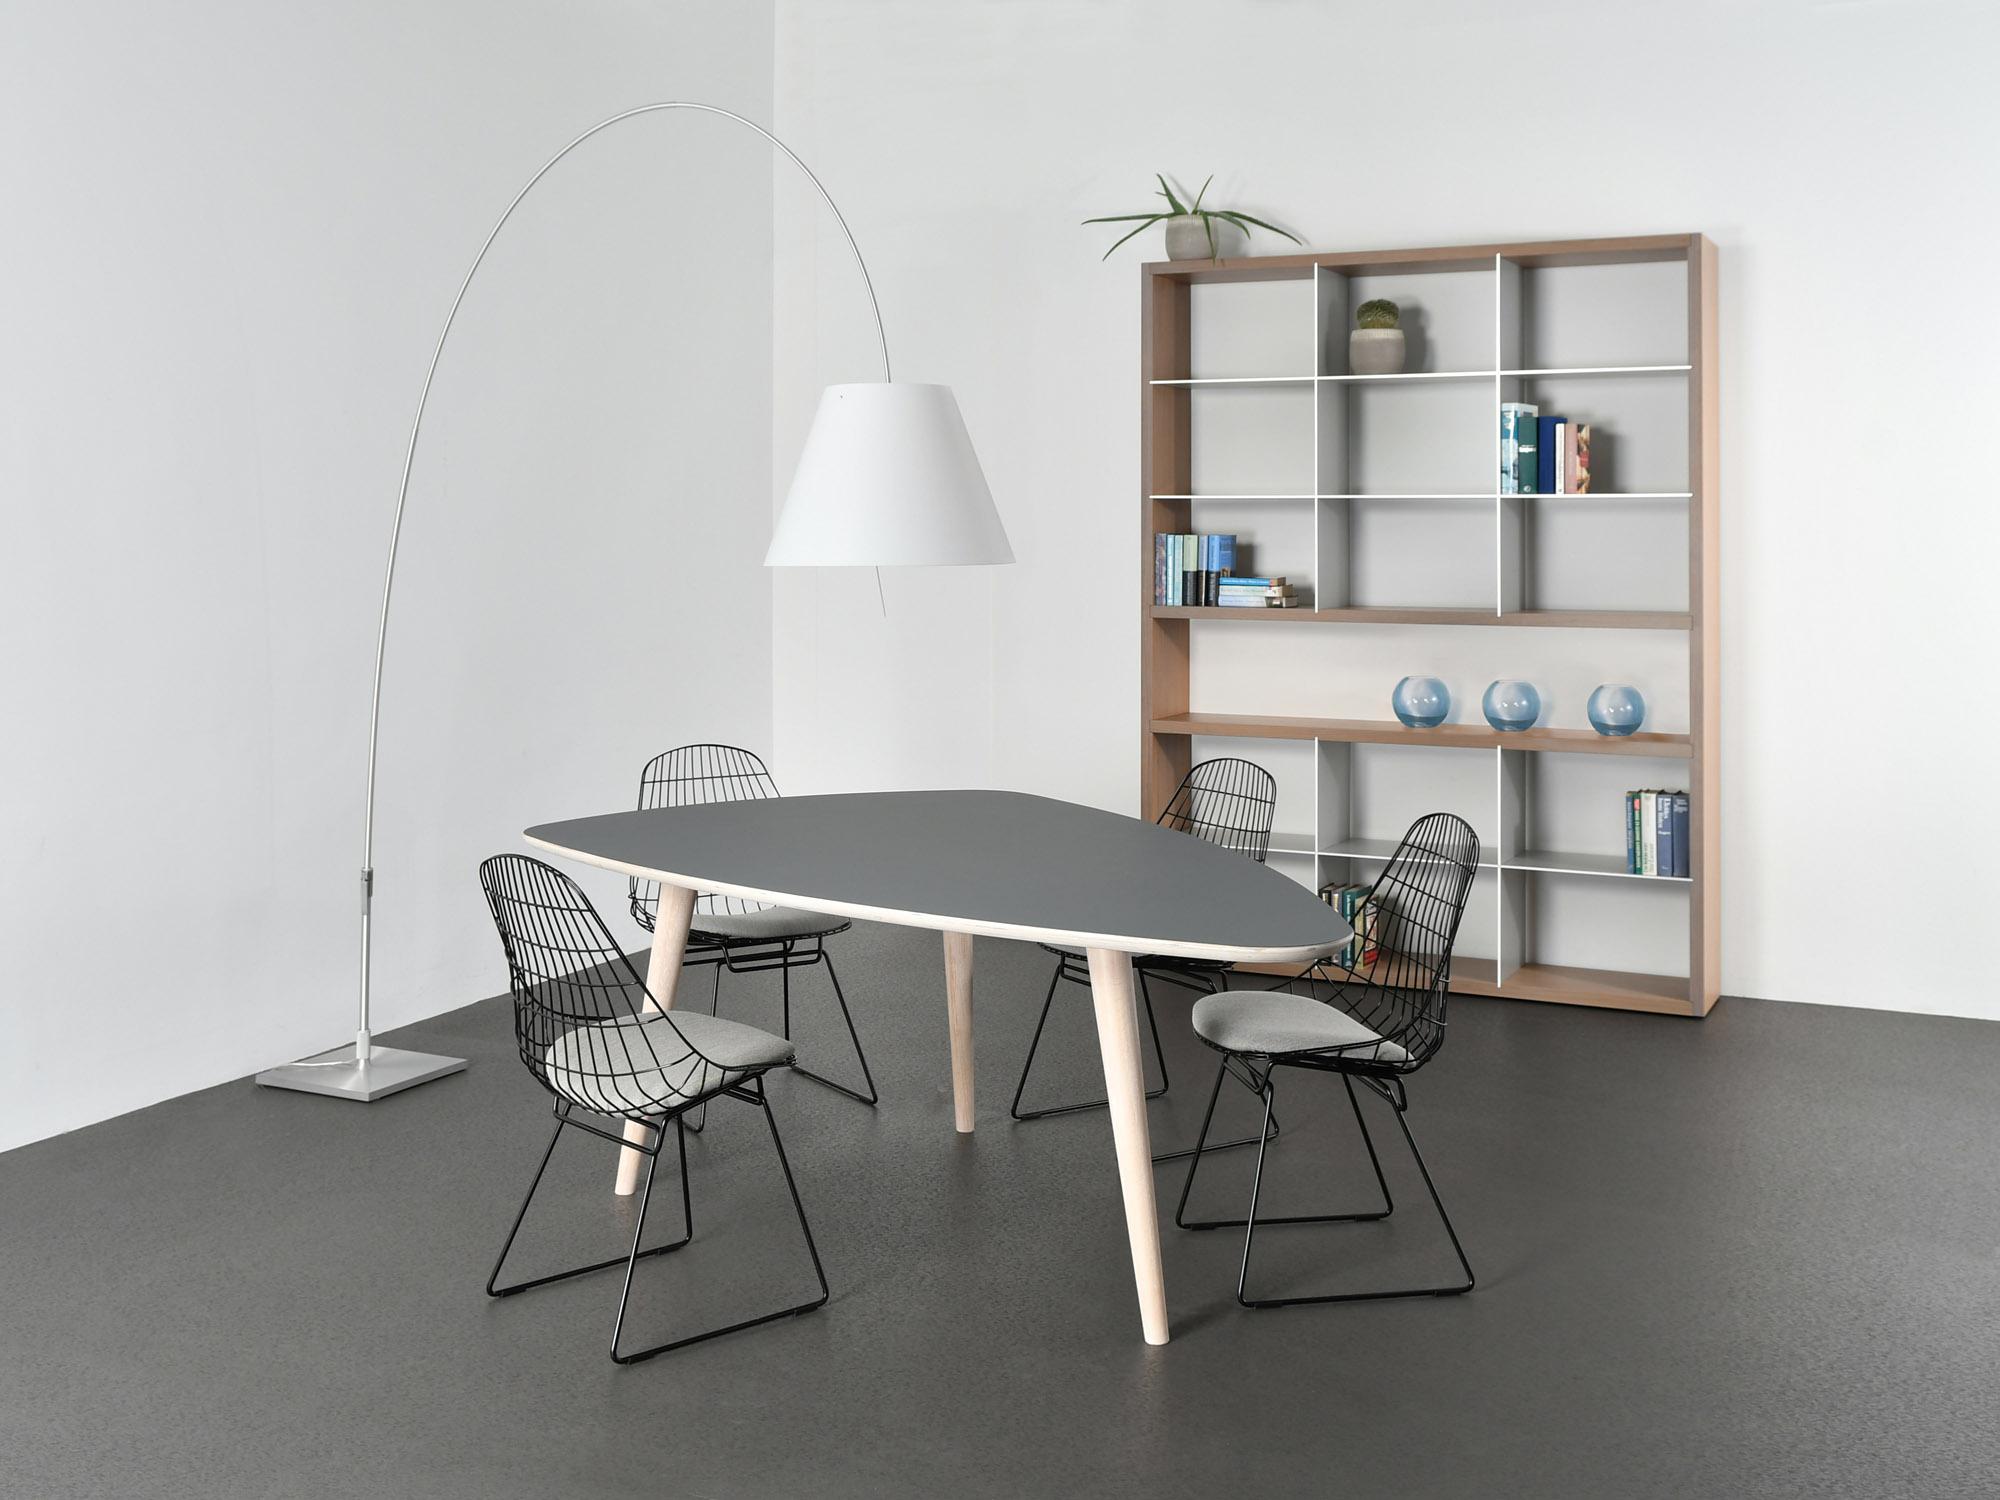 GROOVE-kast en RP-tafel, ontwerp door Coen Castelijn